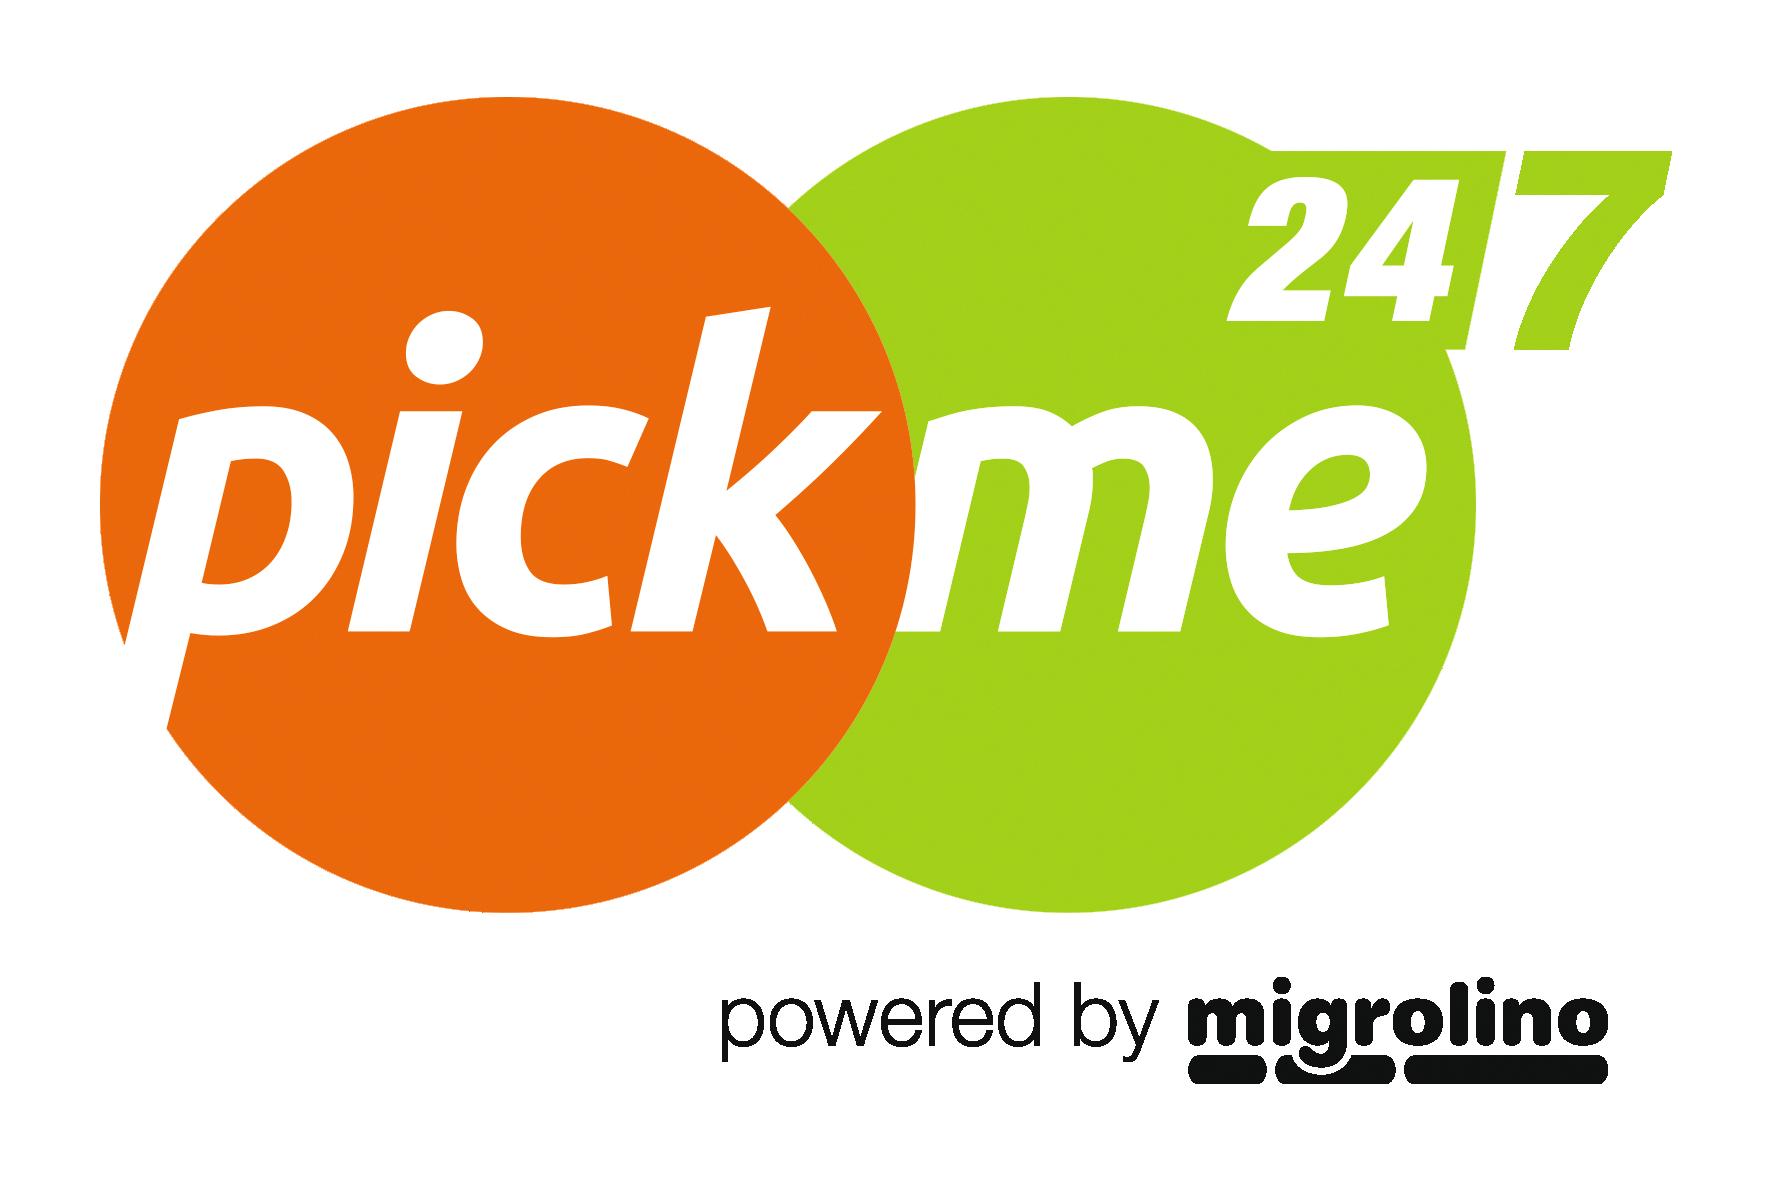 pick-me 24/7